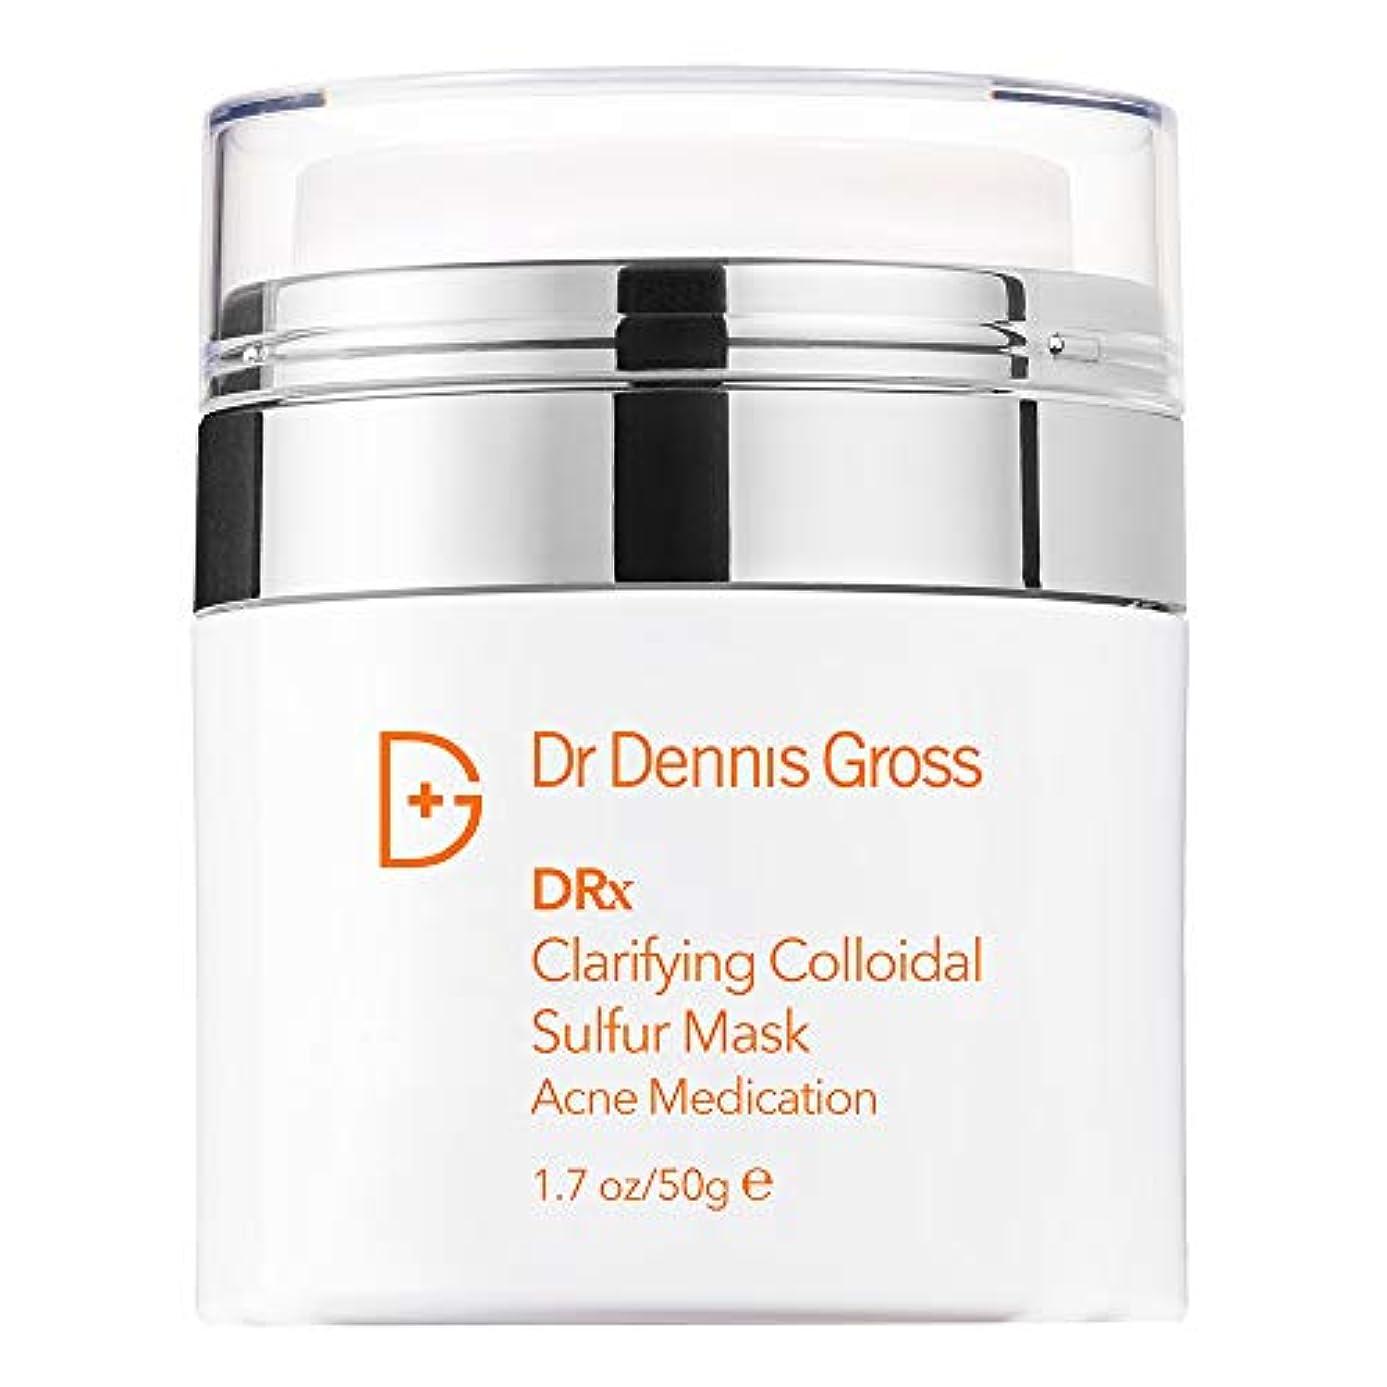 カラスマウンドおいしいドクターデニスグロス DRx Clarifying Colloidal Sulfur Mask 50g/1.7oz並行輸入品